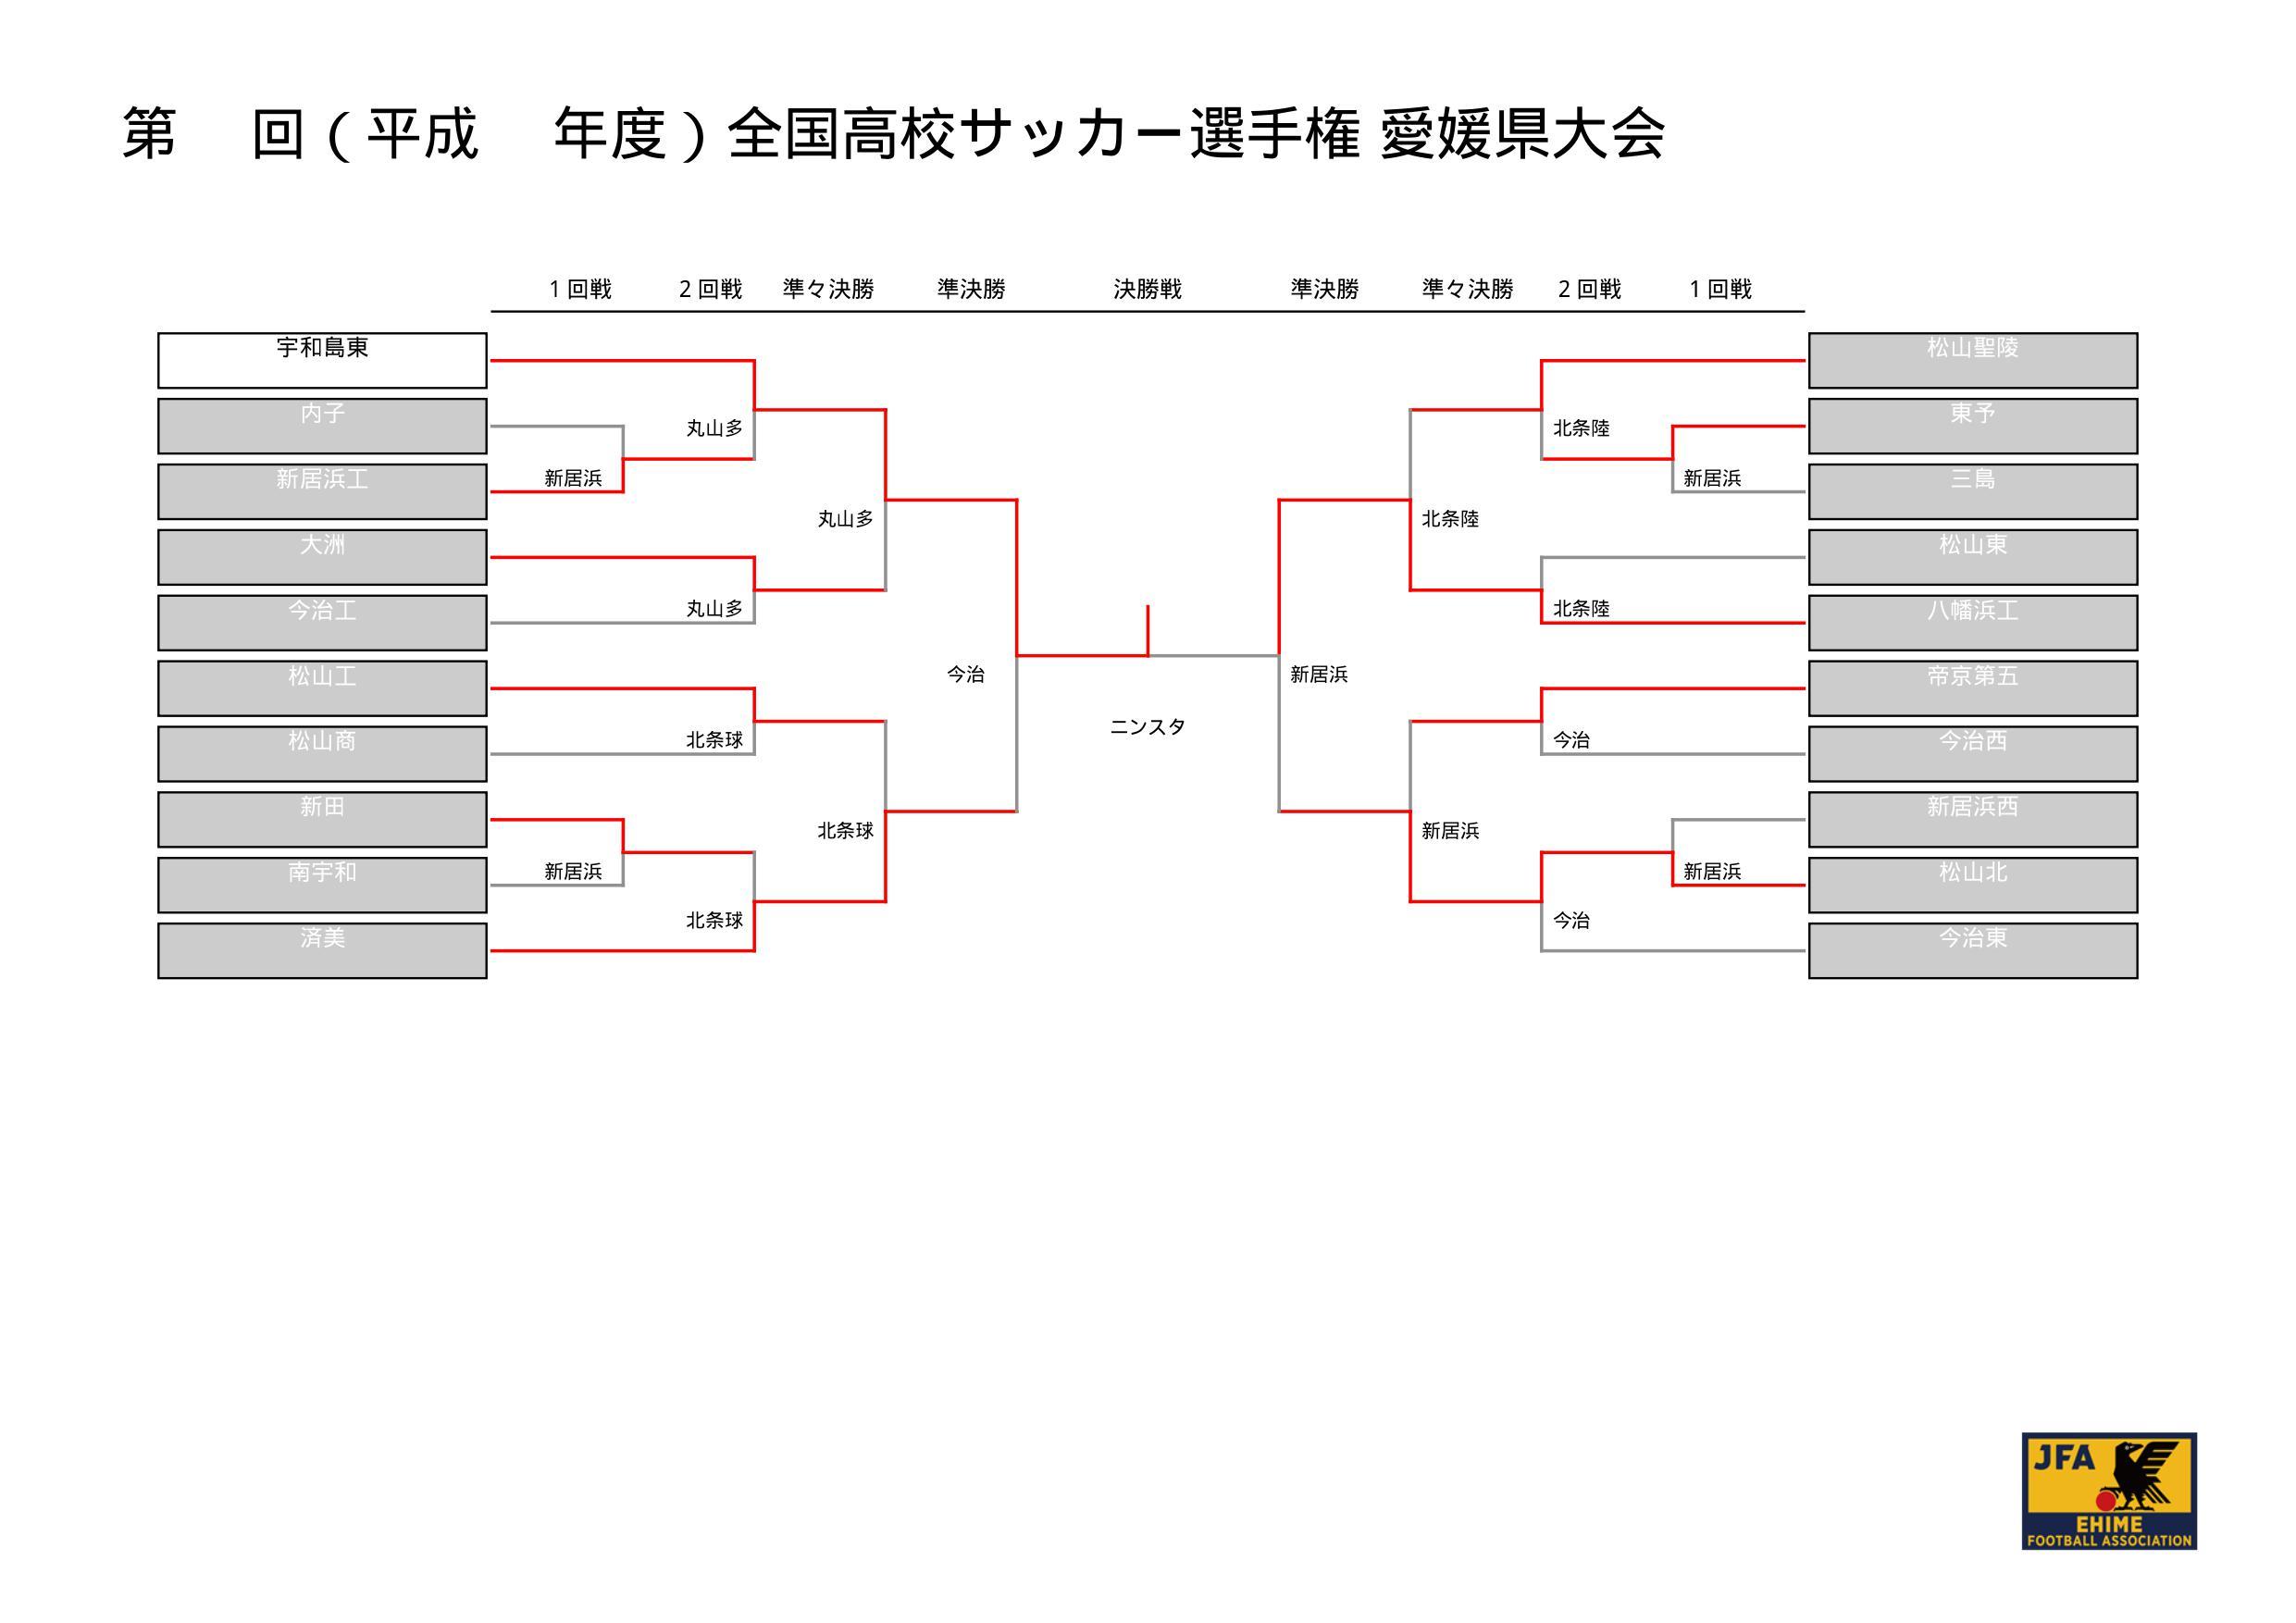 第97回選手権愛媛